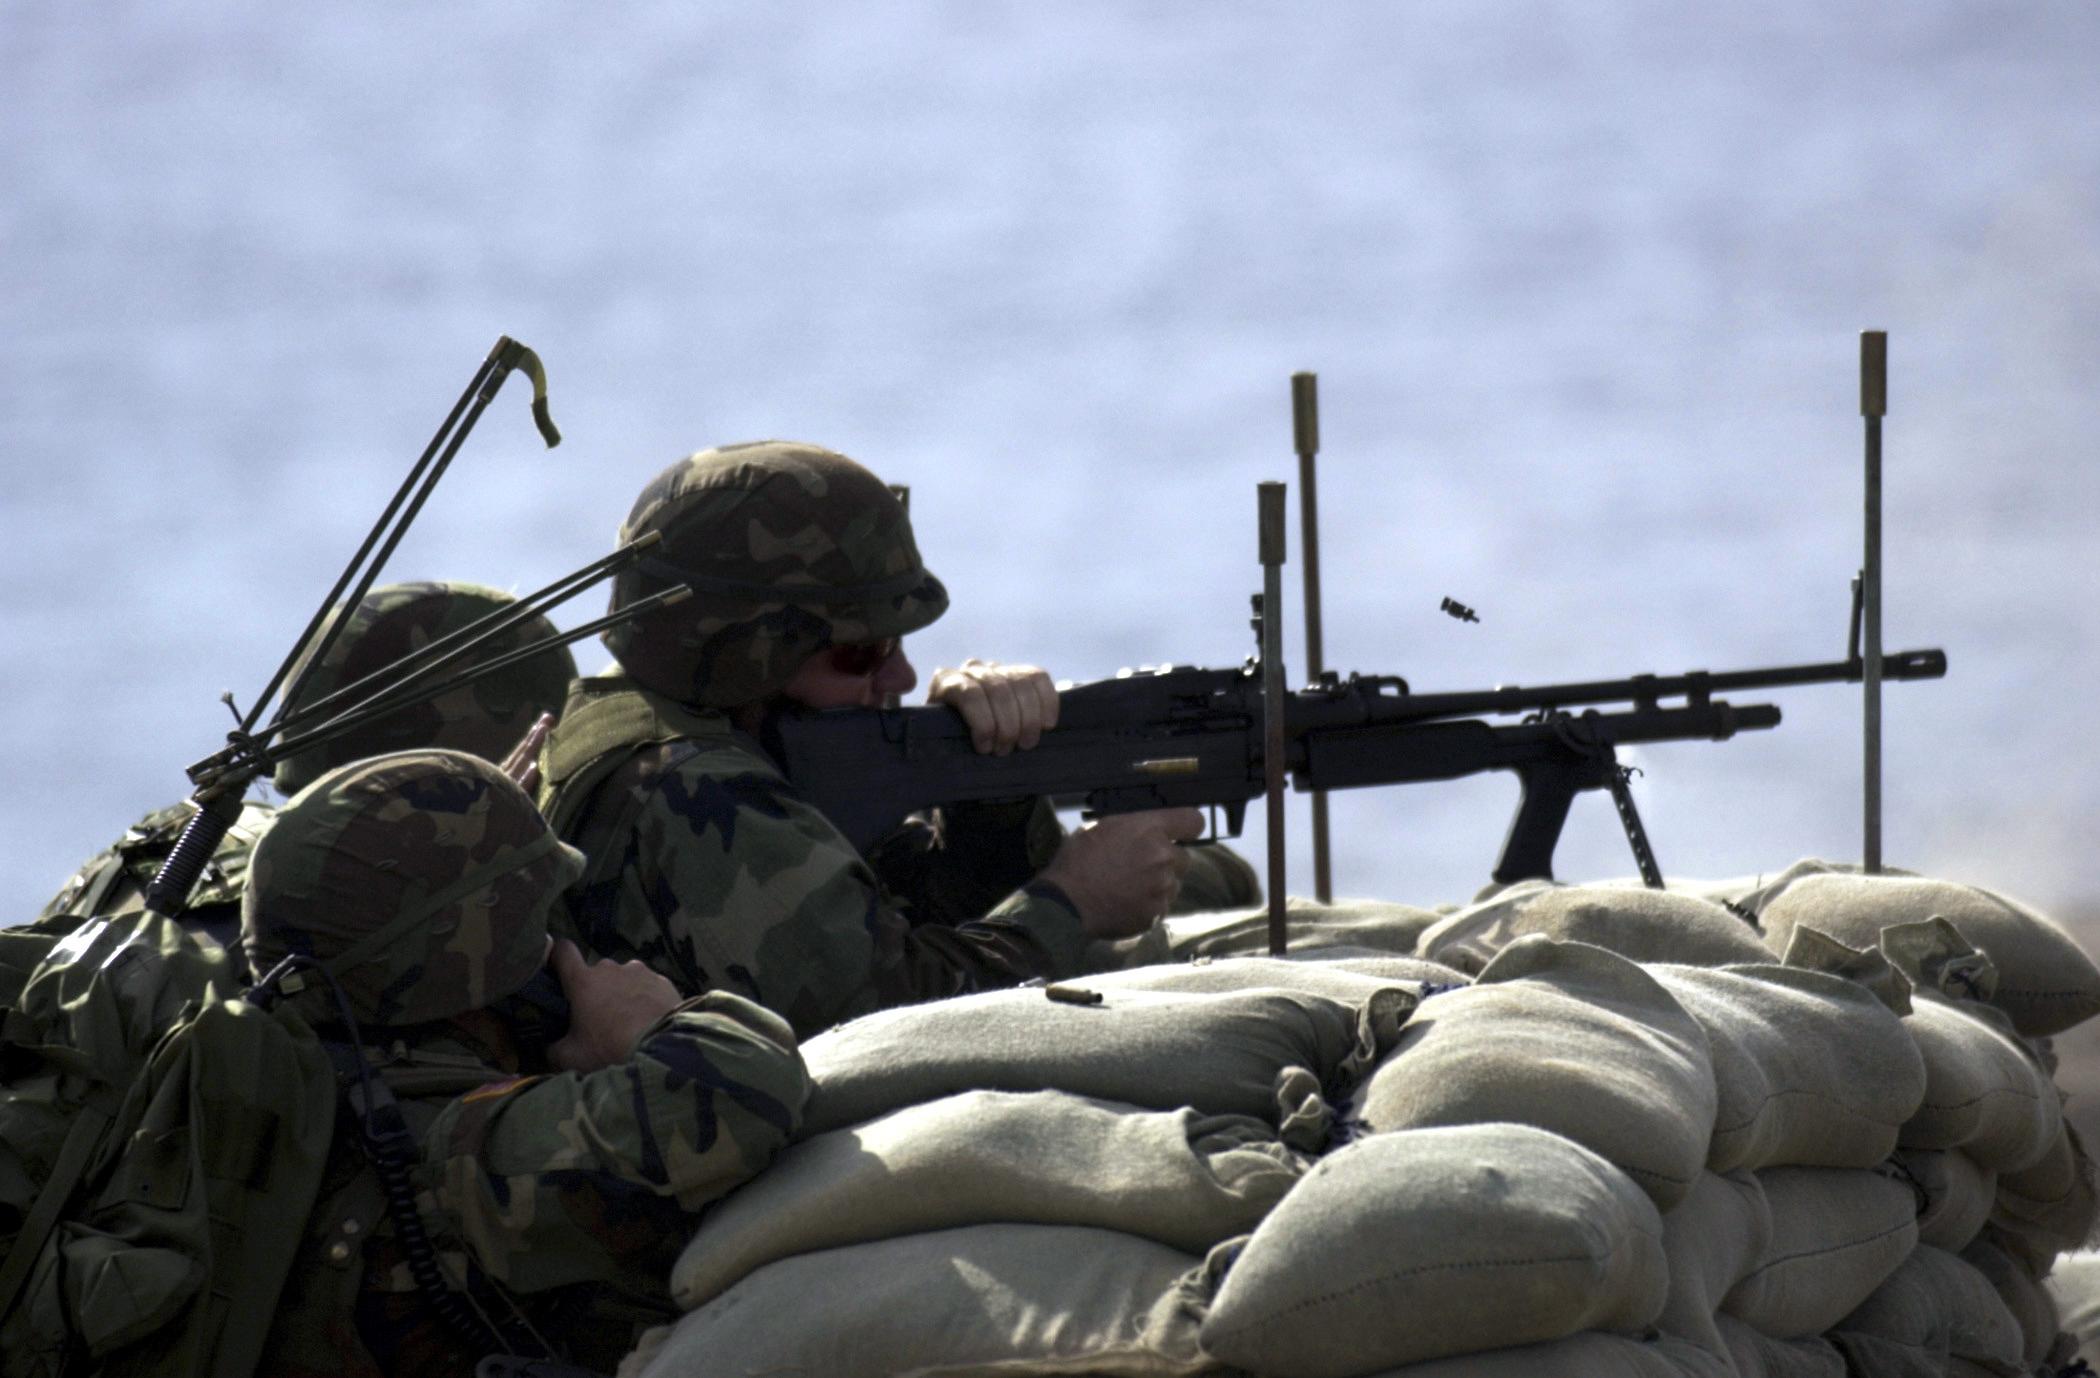 M60 machine gun | Military Wiki | FANDOM powered by Wikia